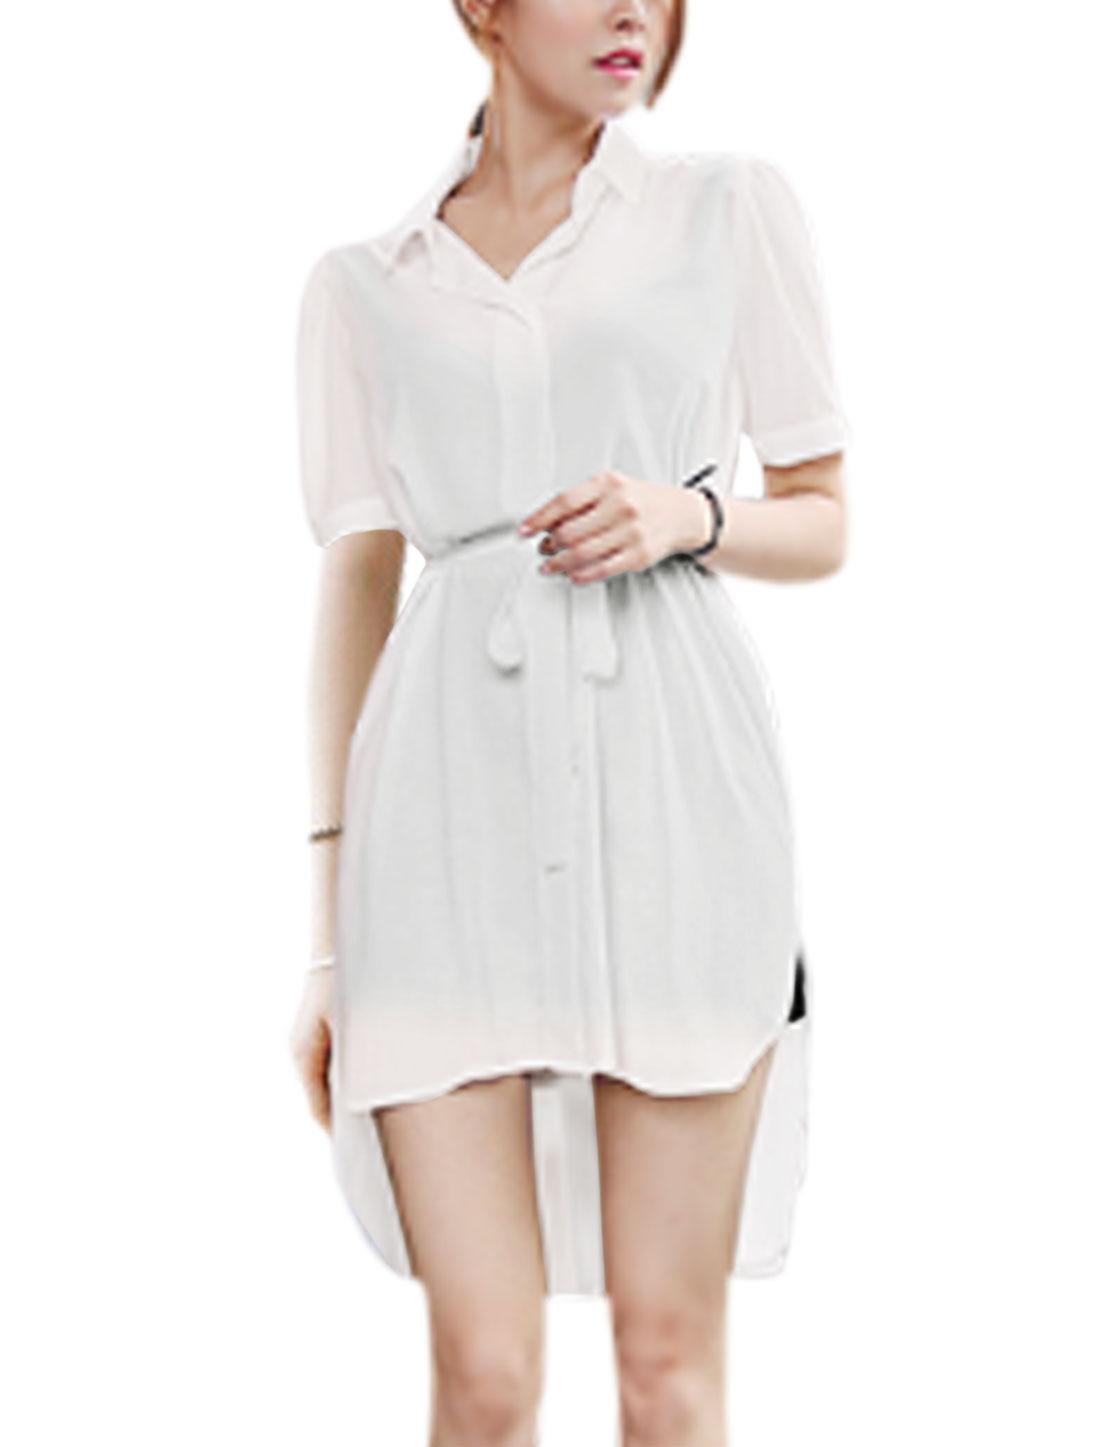 Women Hidden Button Placket Low High Hem Chiffon Tunic Shirts White S